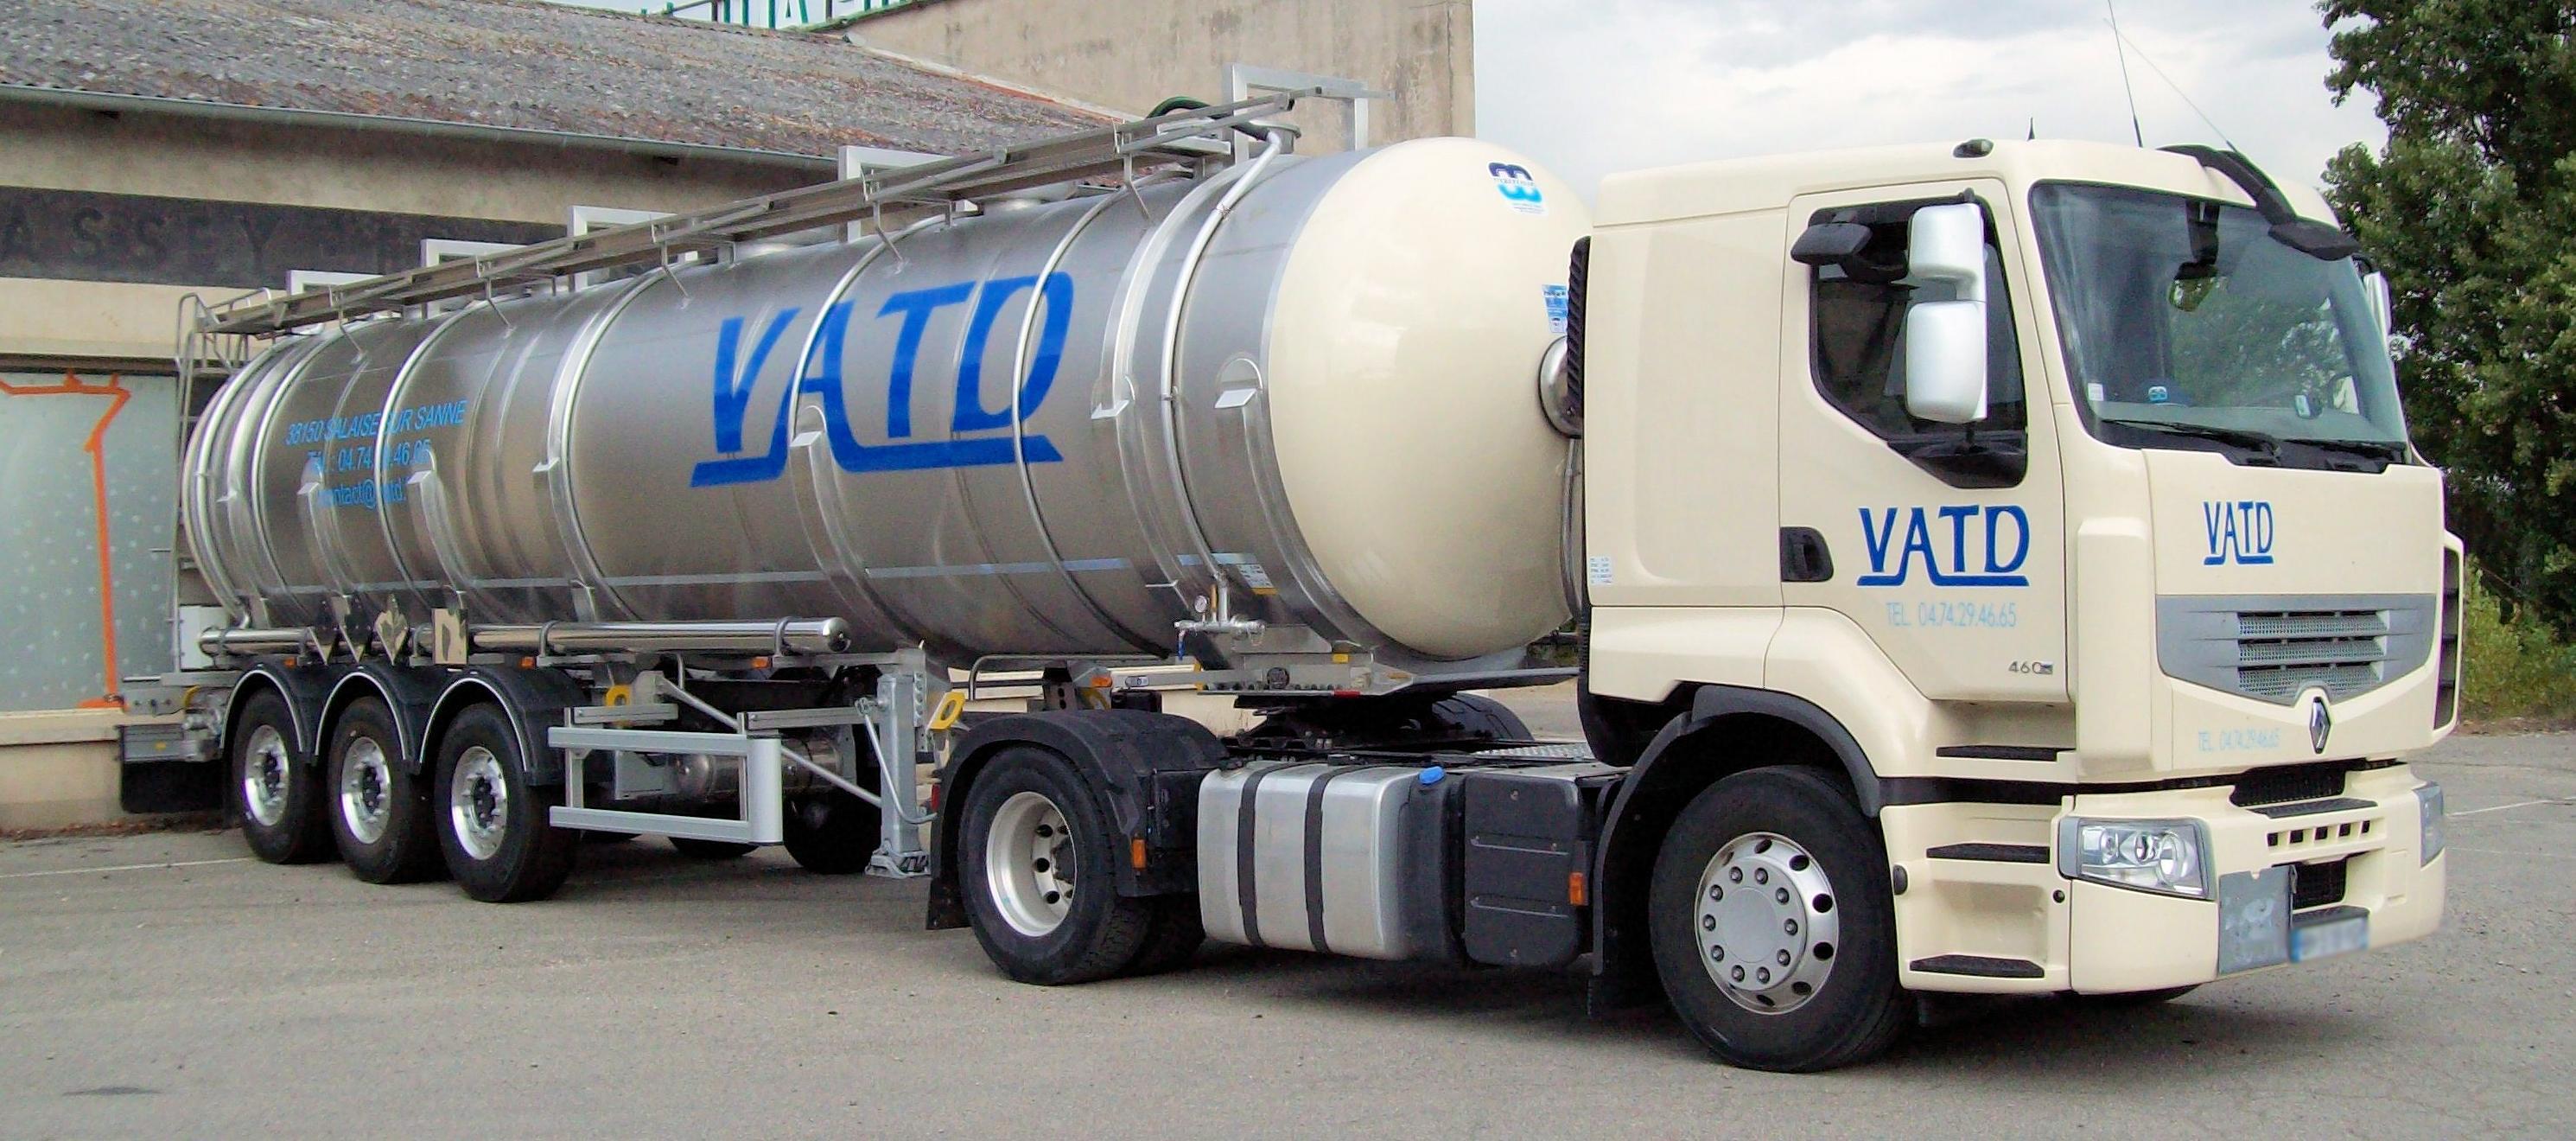 Transport déchets dangereux liquides VATD